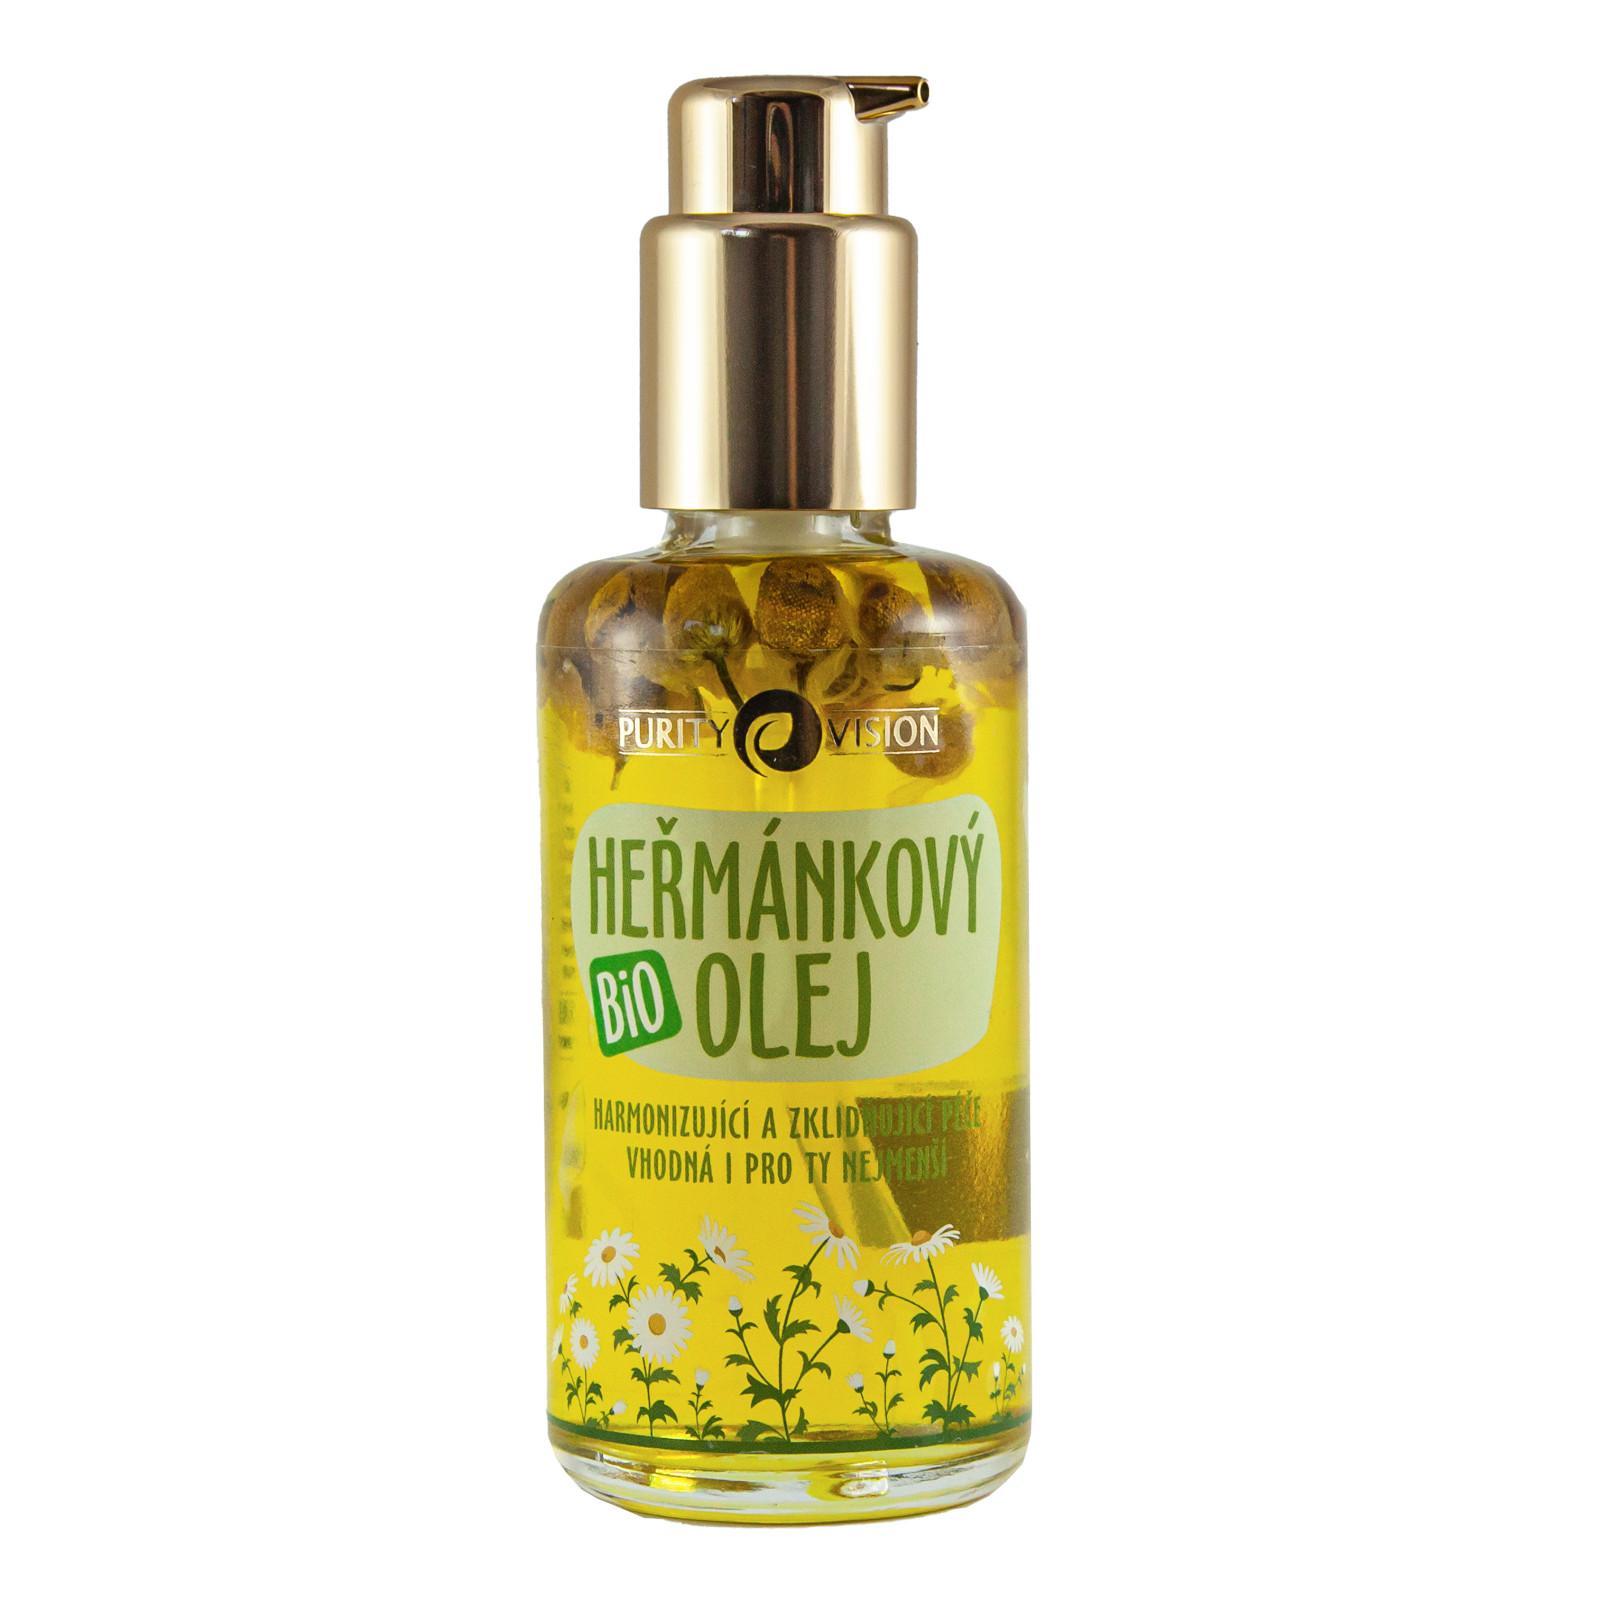 Purity Vision Bio Heřmánkový olej 100 ml